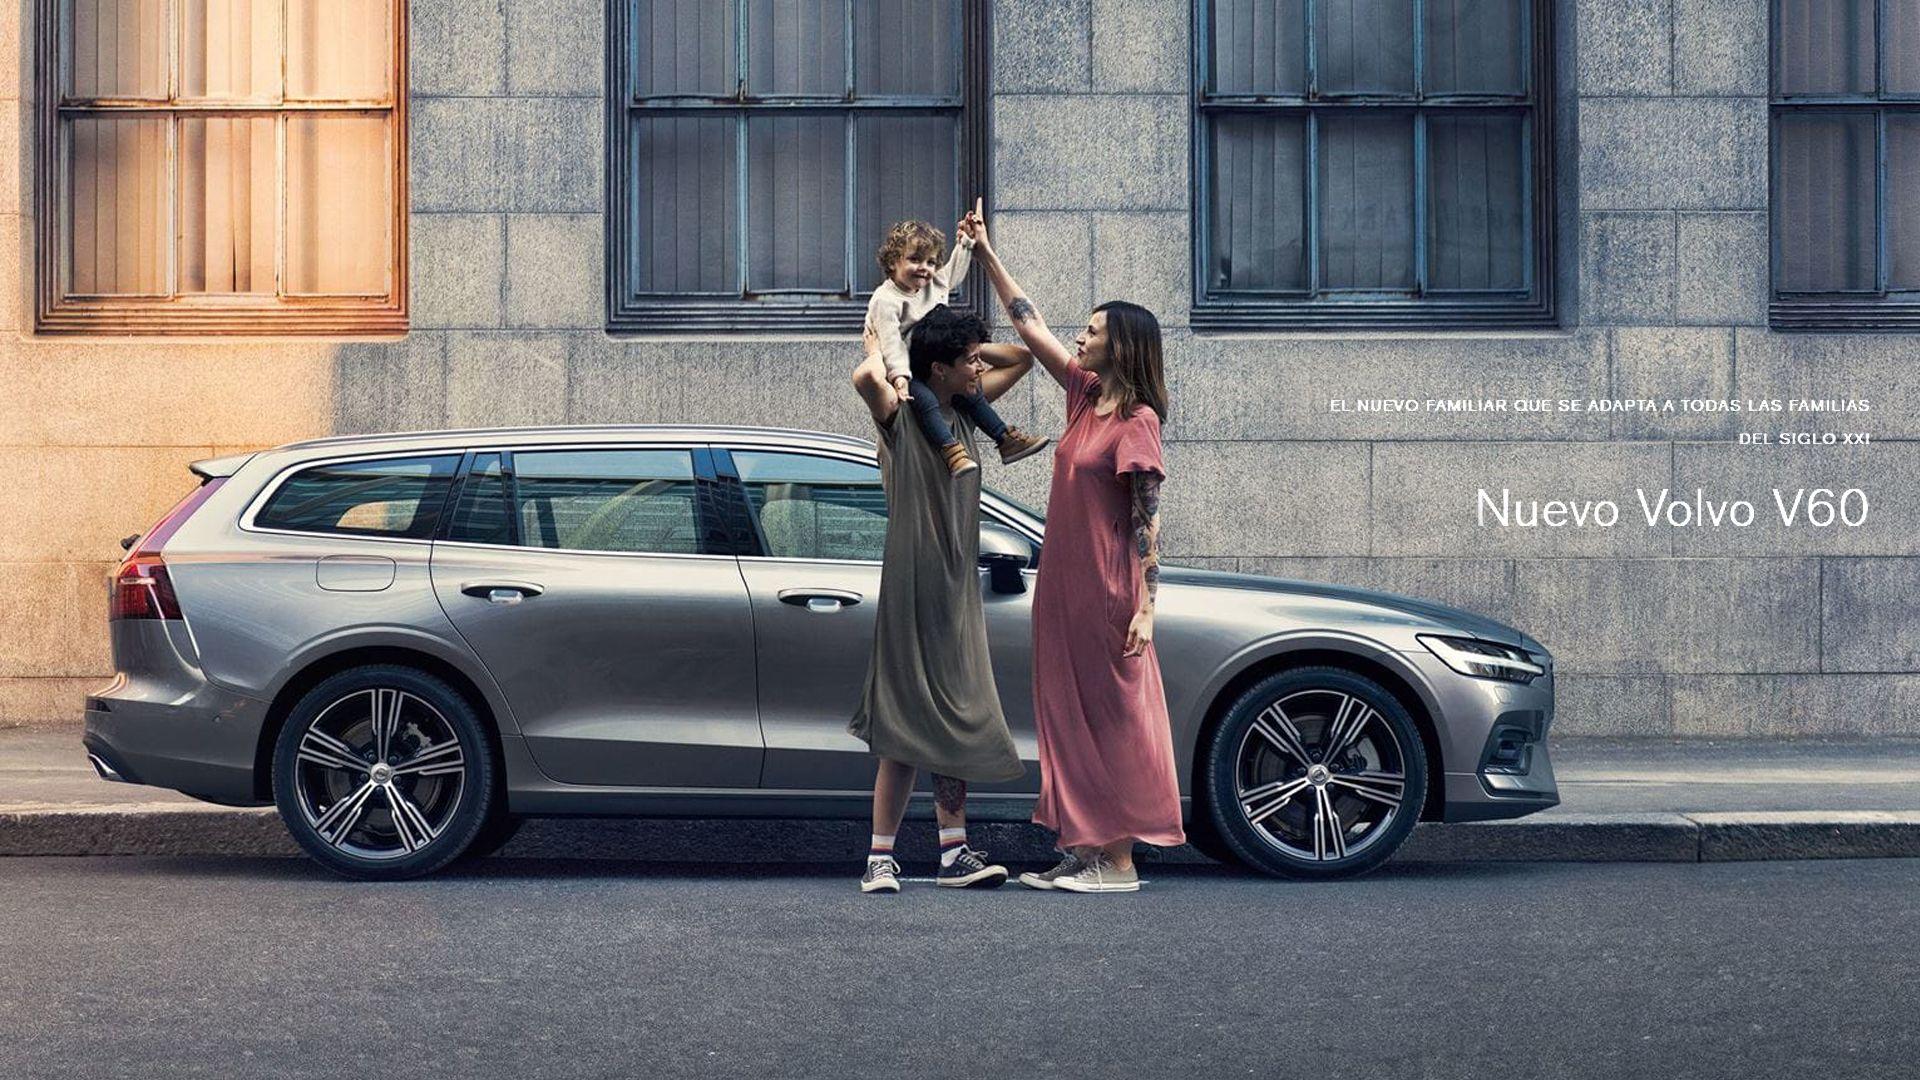 Nuevo Volvo V60